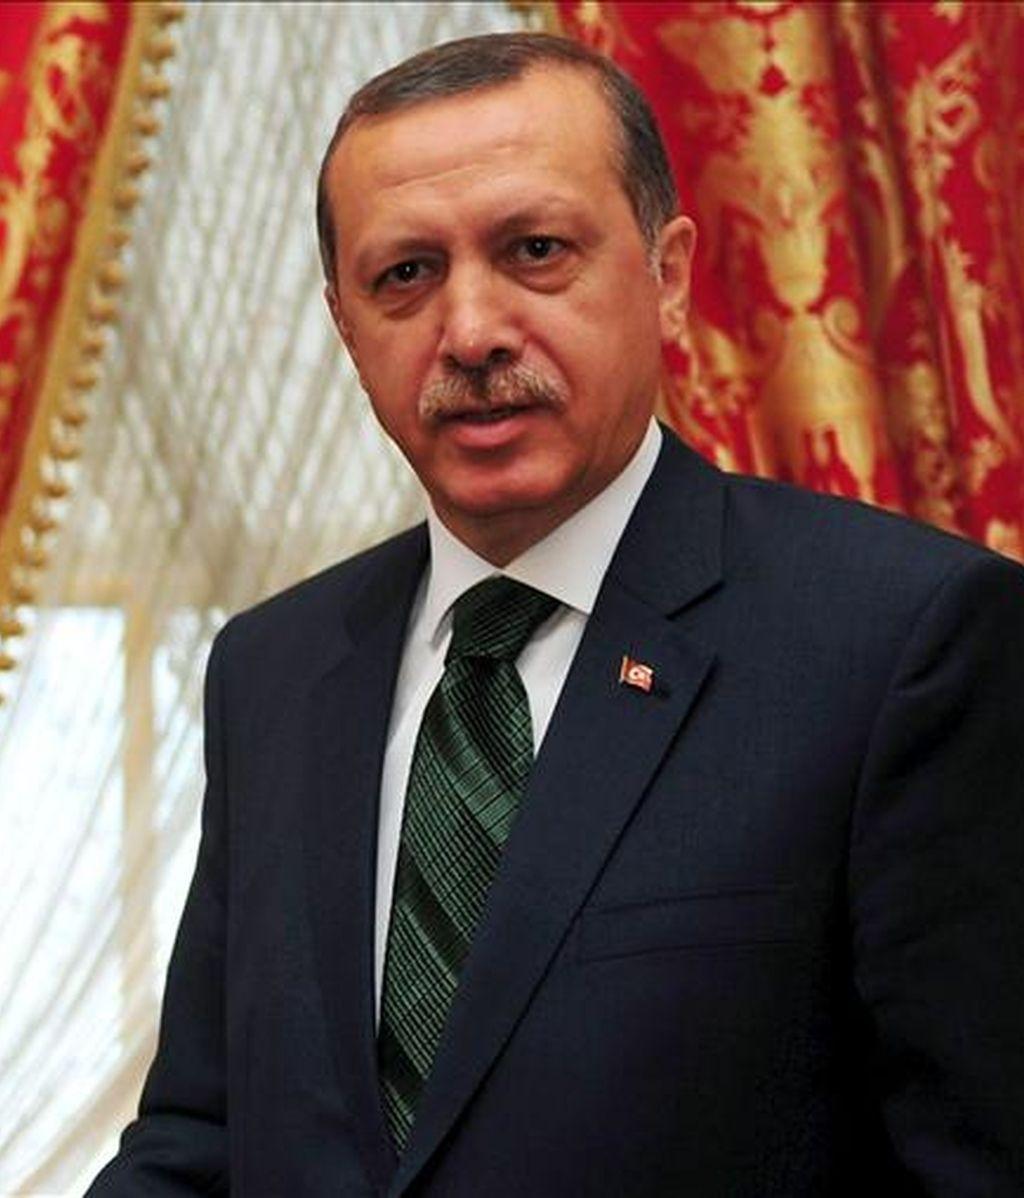 El primer ministro de Turquía, Recep Tayyip Erdogan. EFE/Archivo